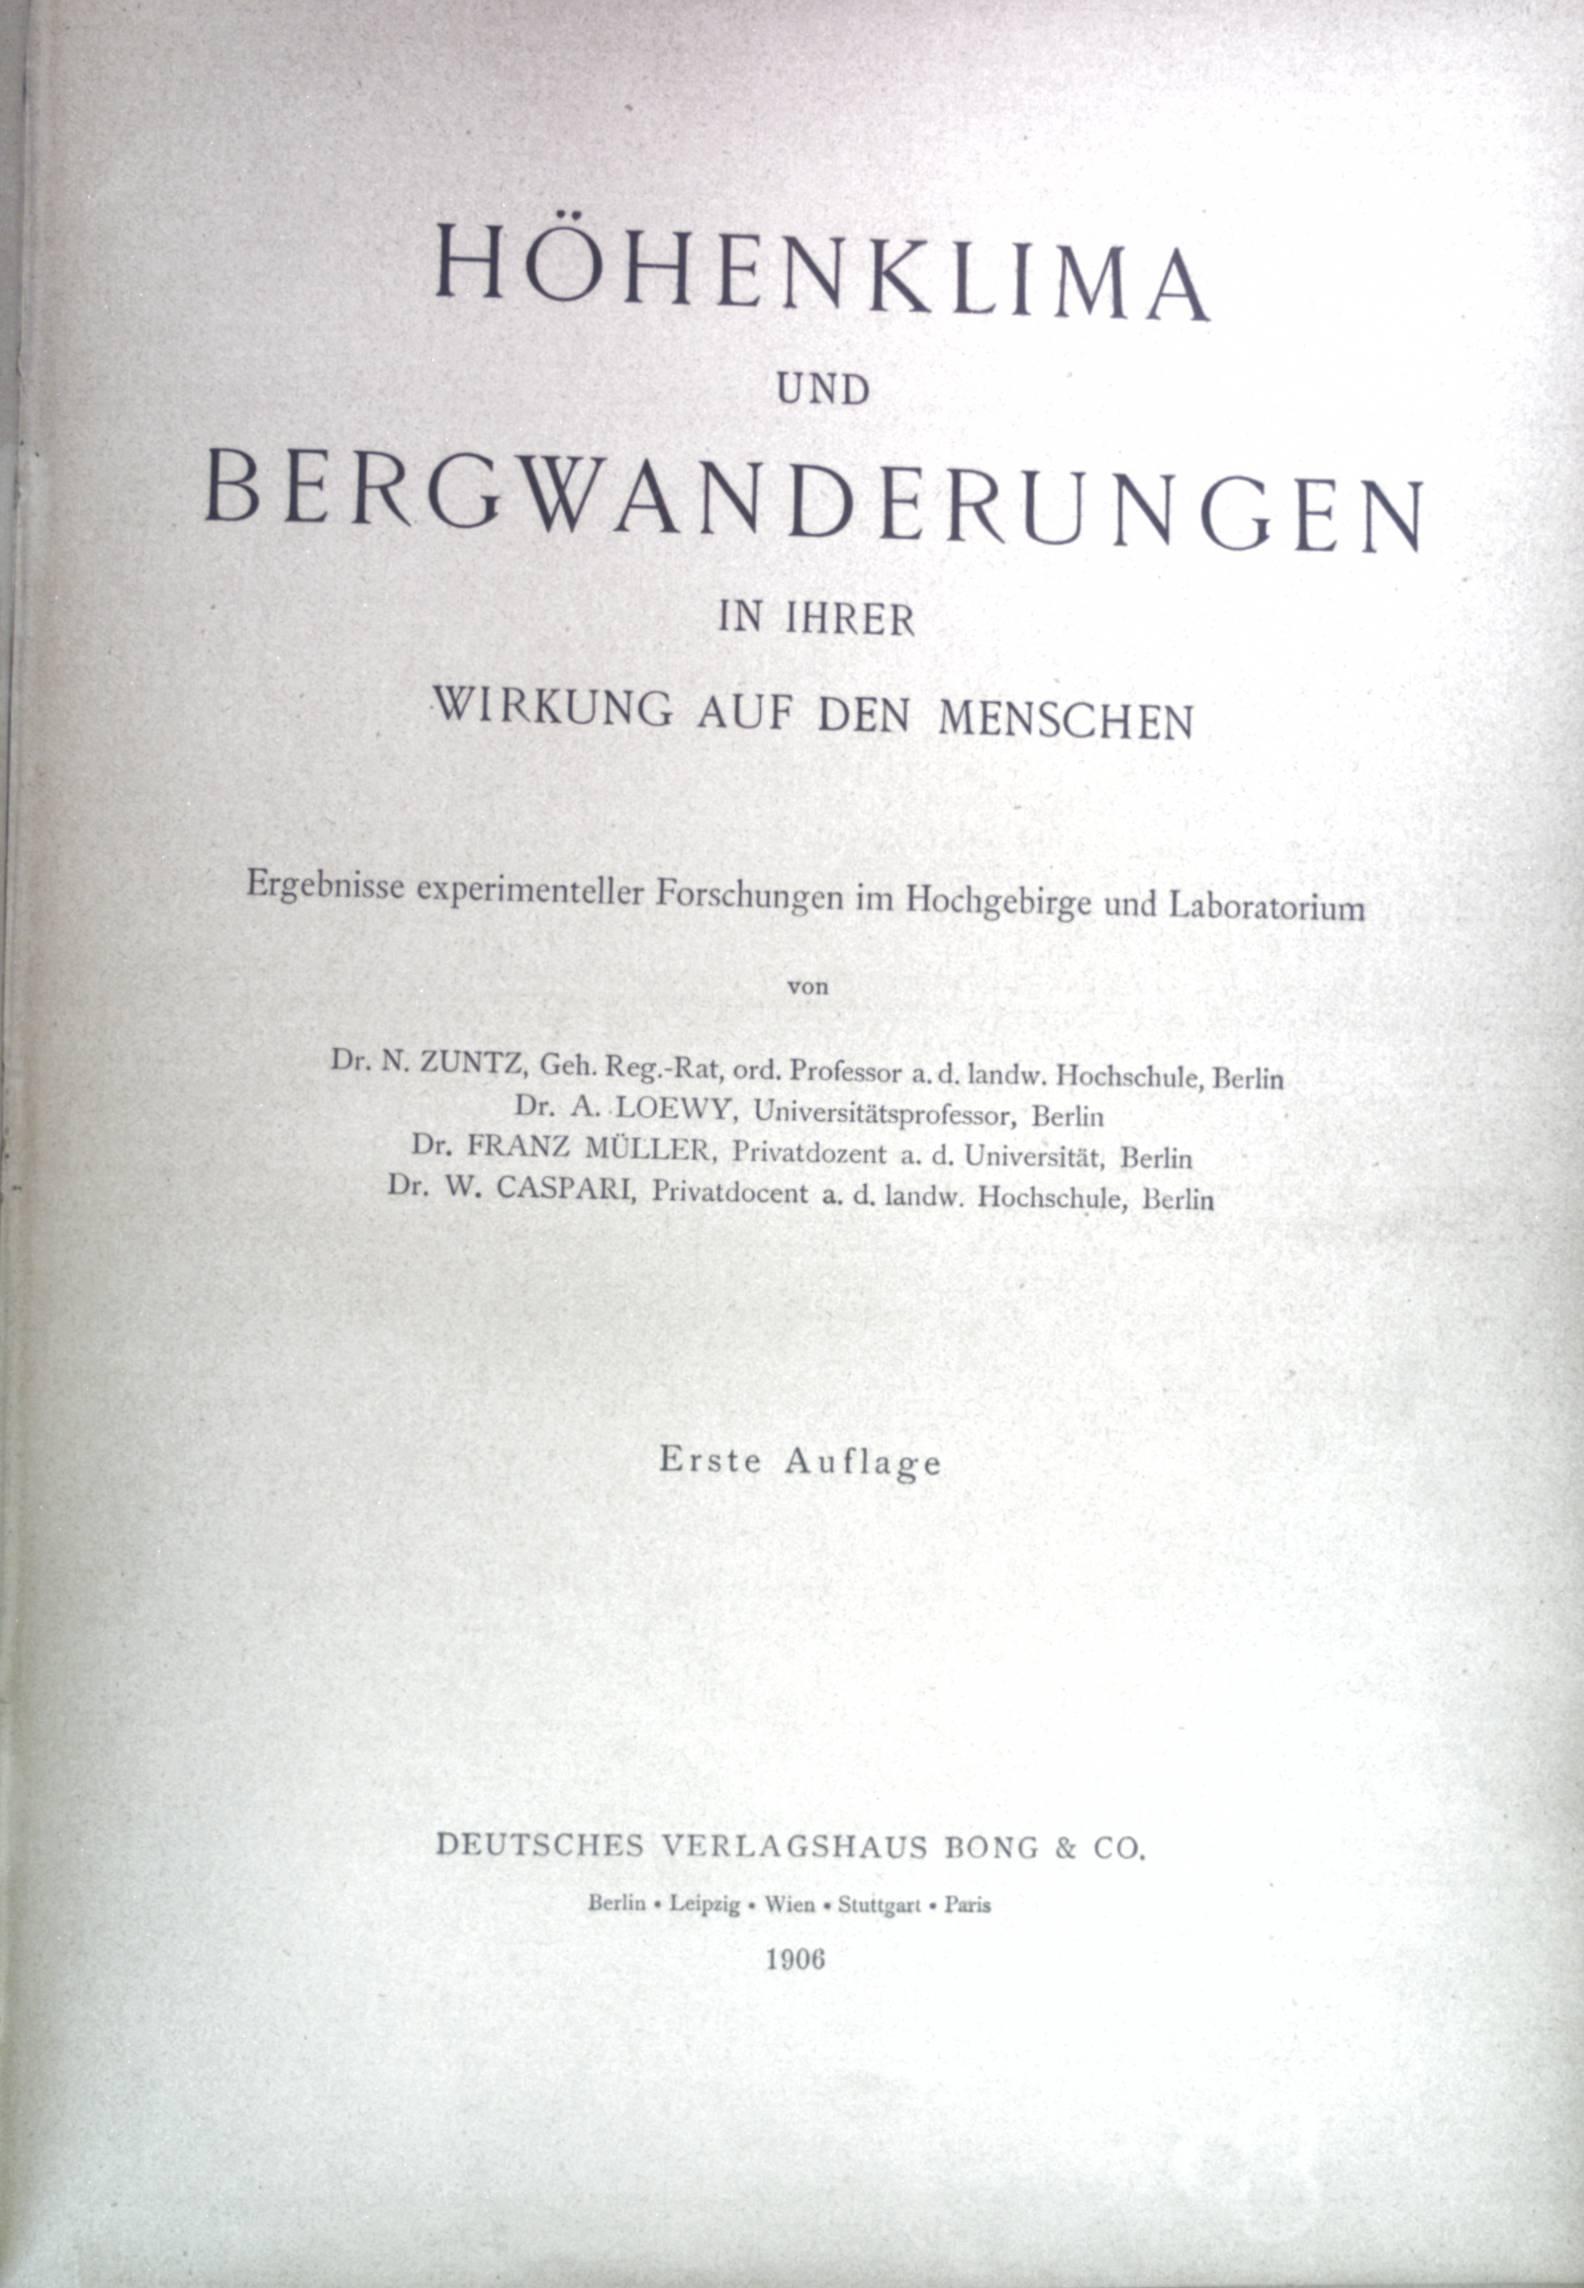 Höhenklima und Bergwanderungen in ihrer Wirkung auf: zuntz, N., A.